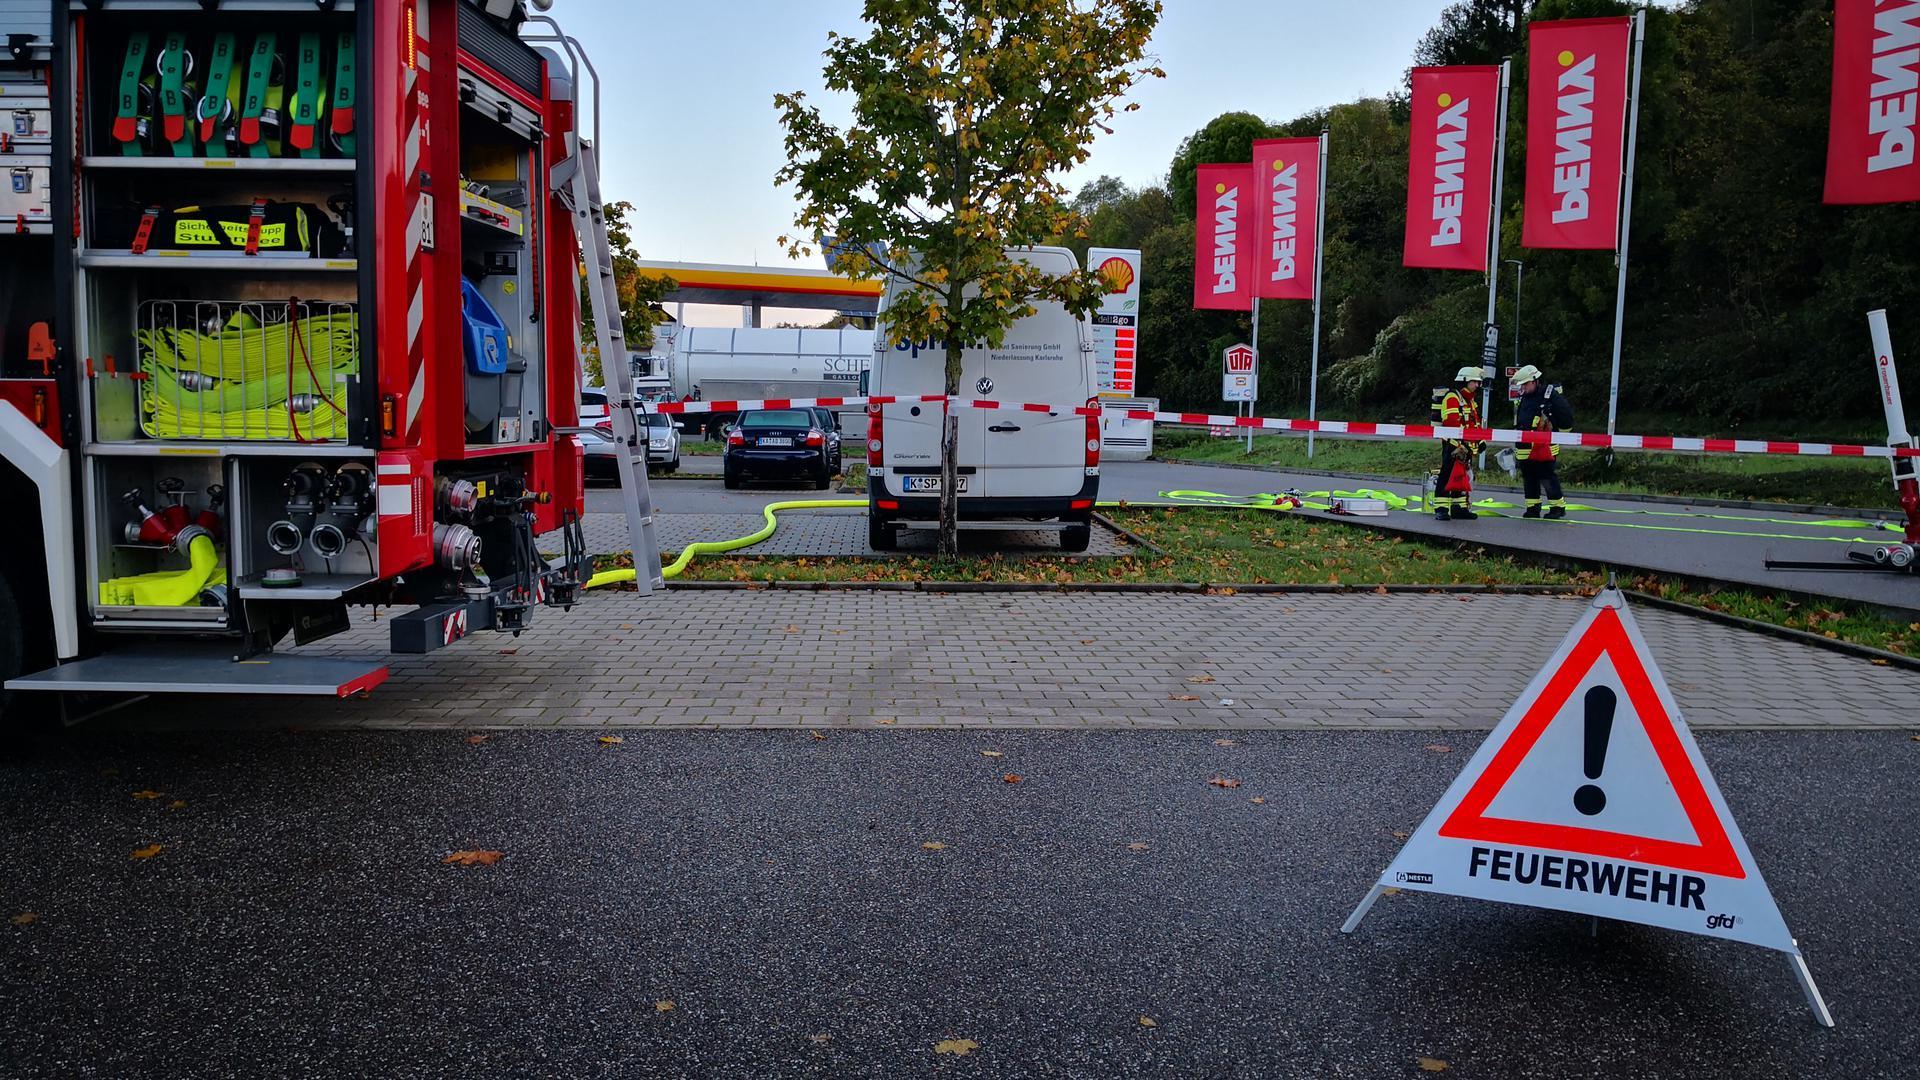 Weiträumig abgesperrt ist die B3 zwischen Ringstraße und Bruchwaldstraße. Ein Gasanlieferer hatte am frühen Morgen ein Gasleck an einer dortigen Tankstelle entdeckt.